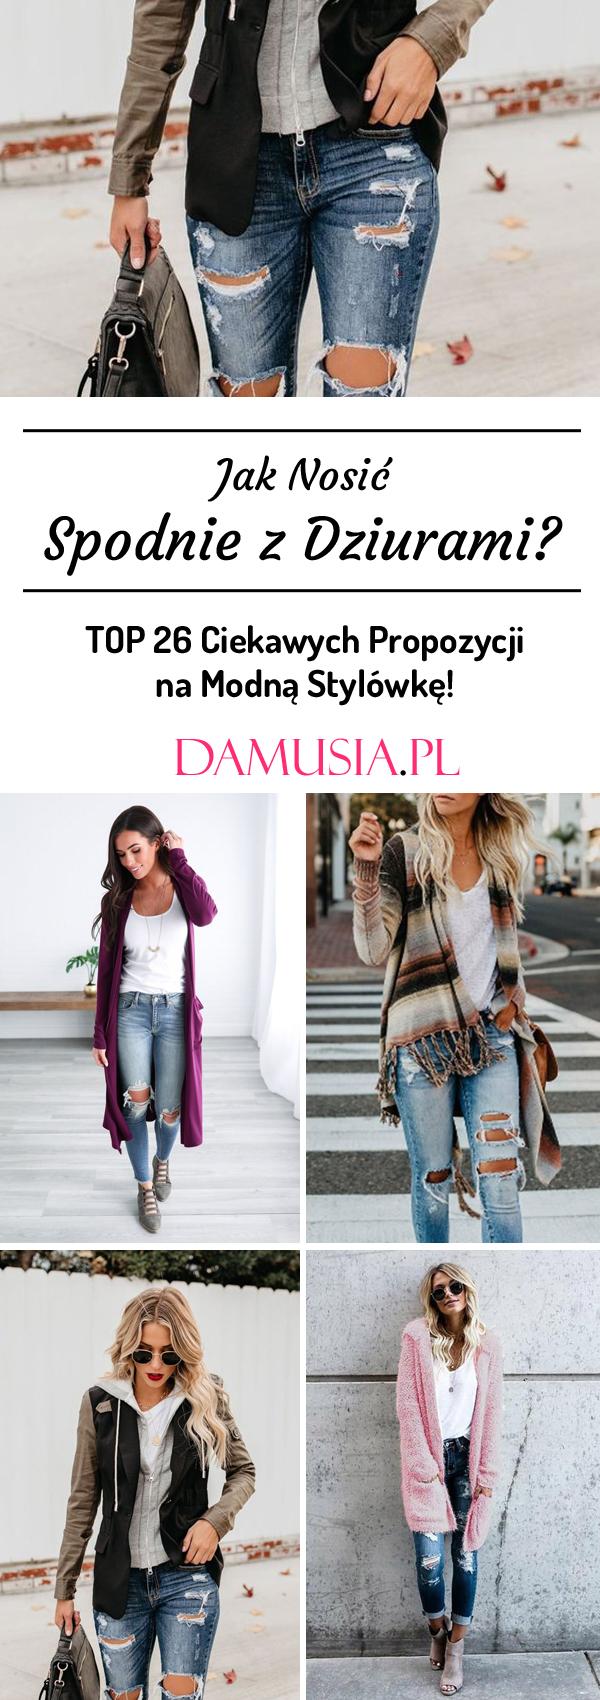 a2e546c1d6c740 Jak Nosić Spodnie z Dziurami – TOP 26 Ciekawych Propozycji na Modną  Stylówkę!